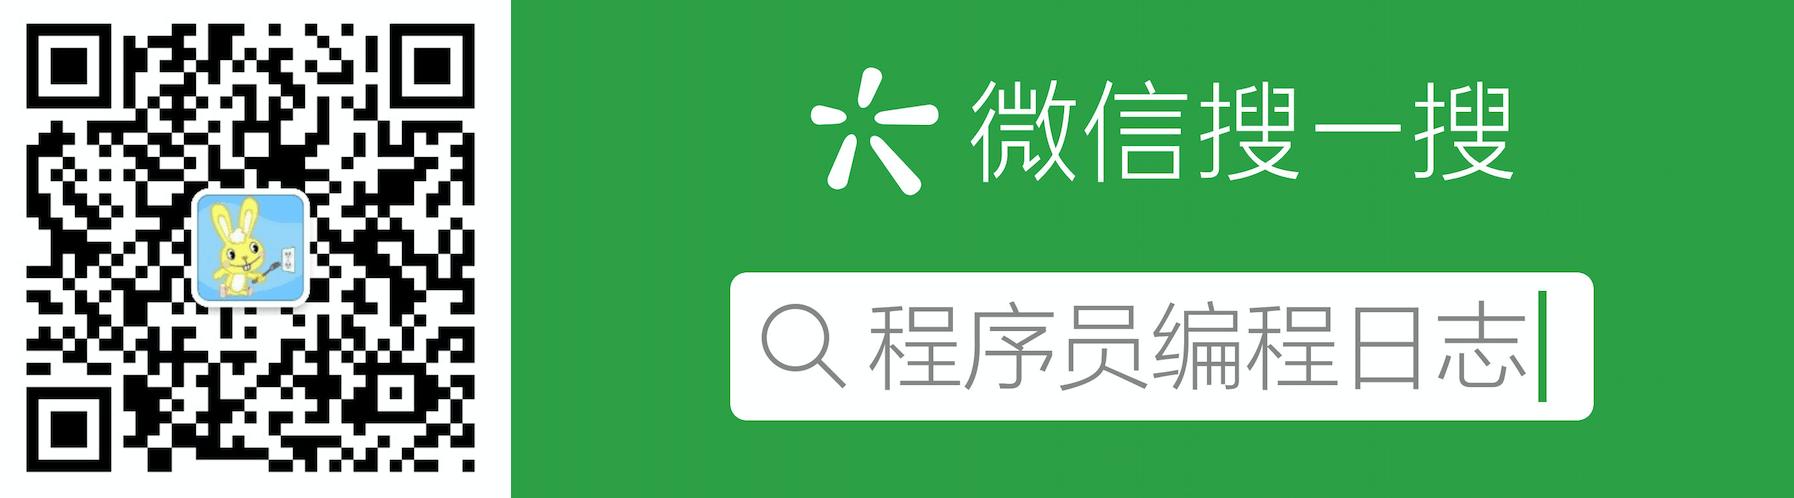 https://github.com/laynefyc/xhgui-branch/blob/screenshot/screenshot/code-log1.png